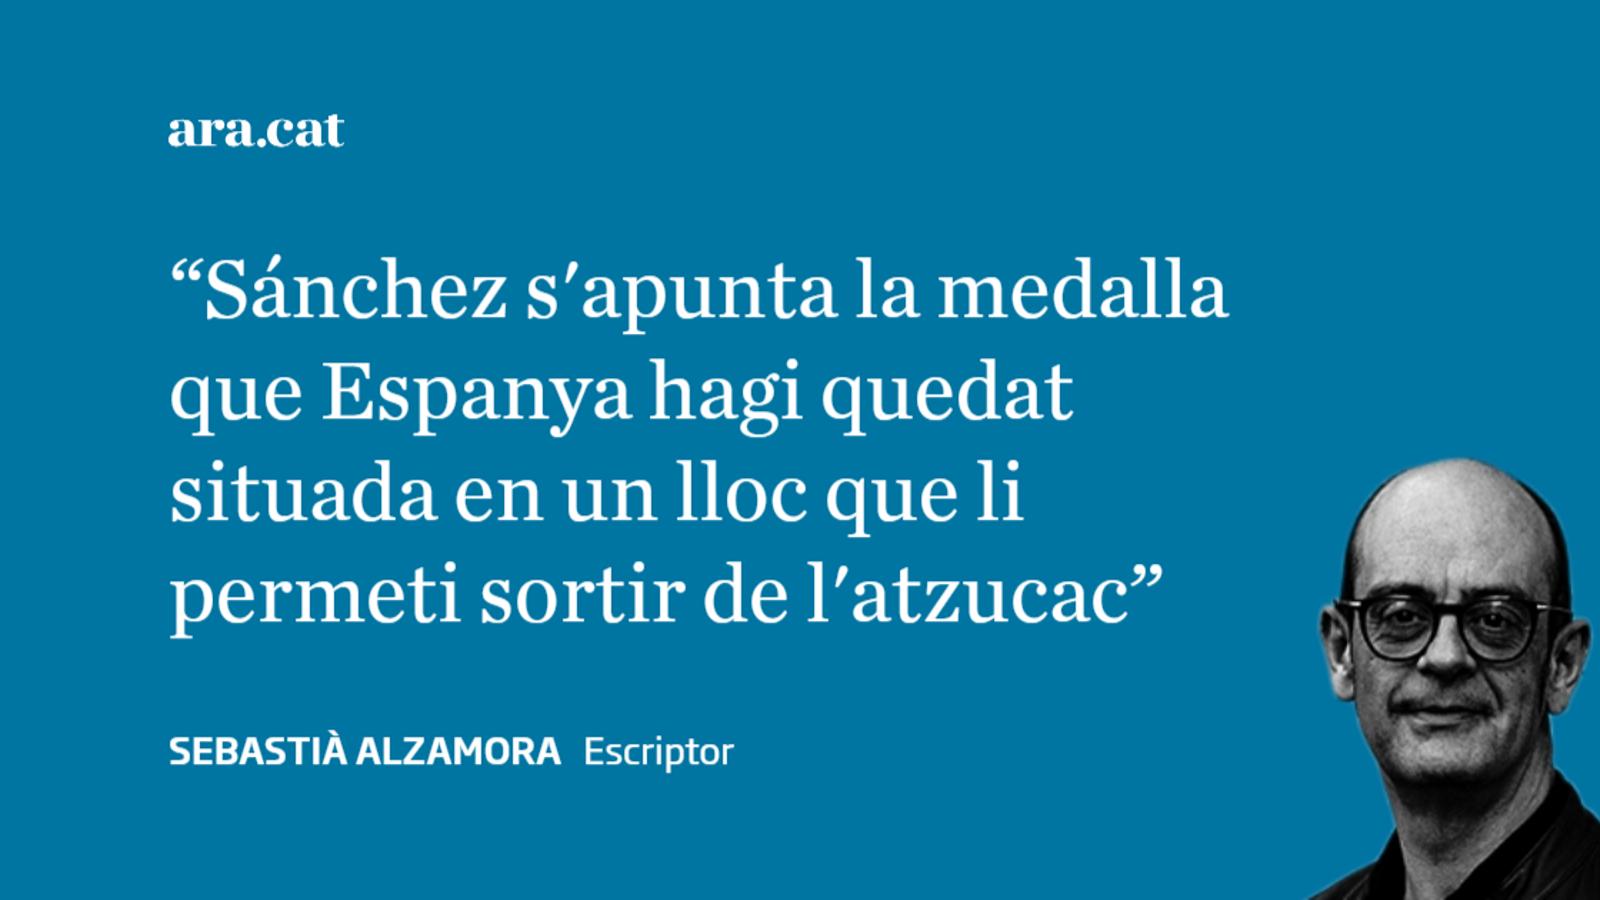 Pedro Sánchez torna a caure dret